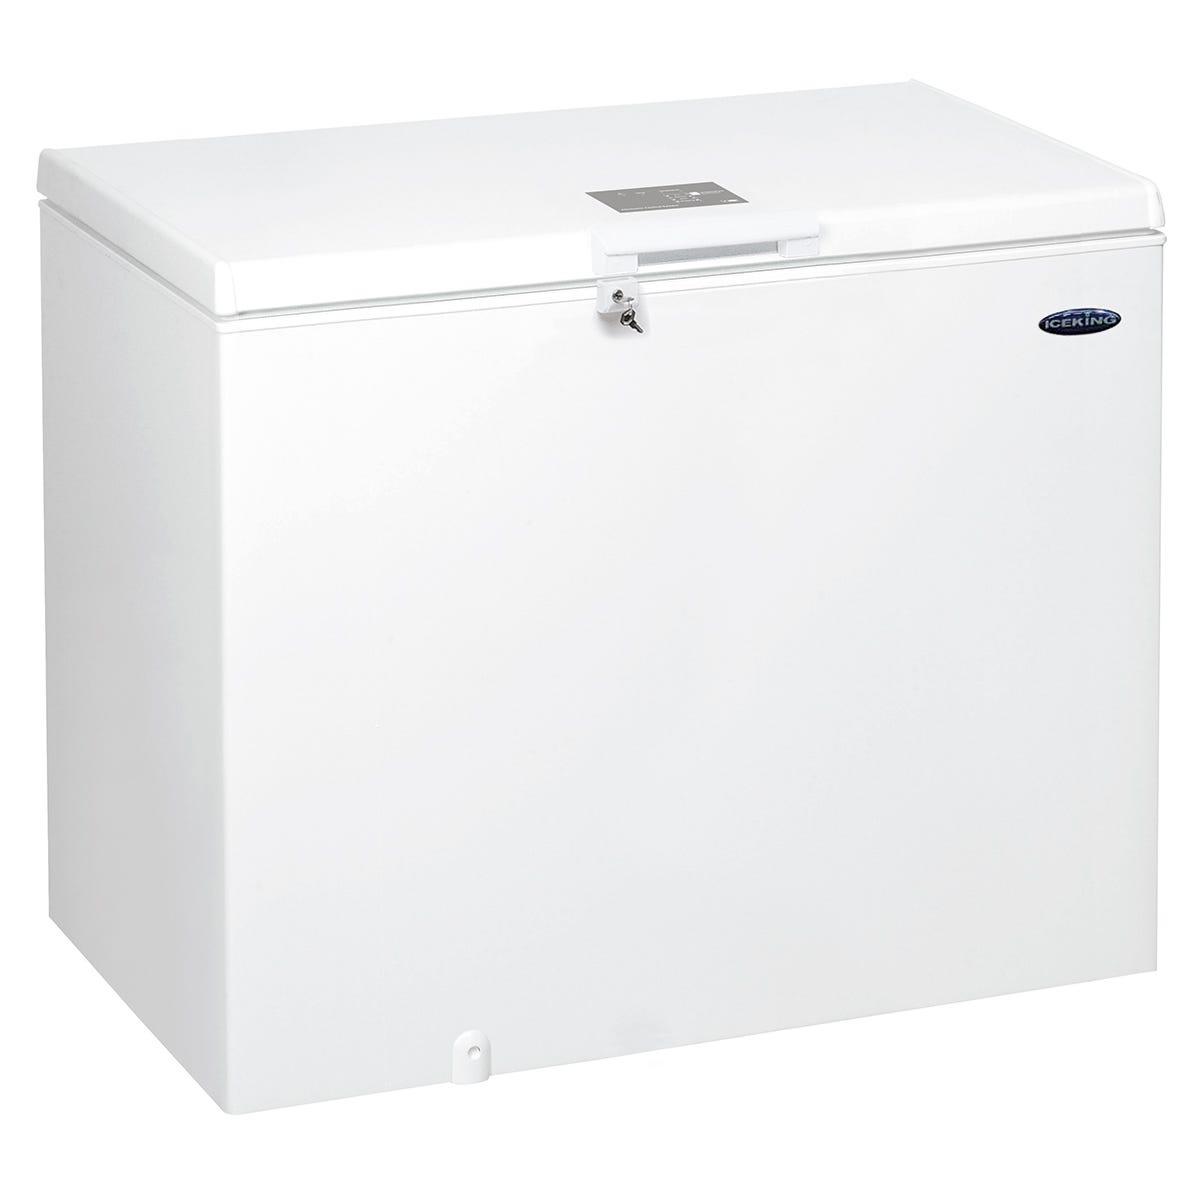 IceKing CF312W.E 312 Litre Chest Freezer - White